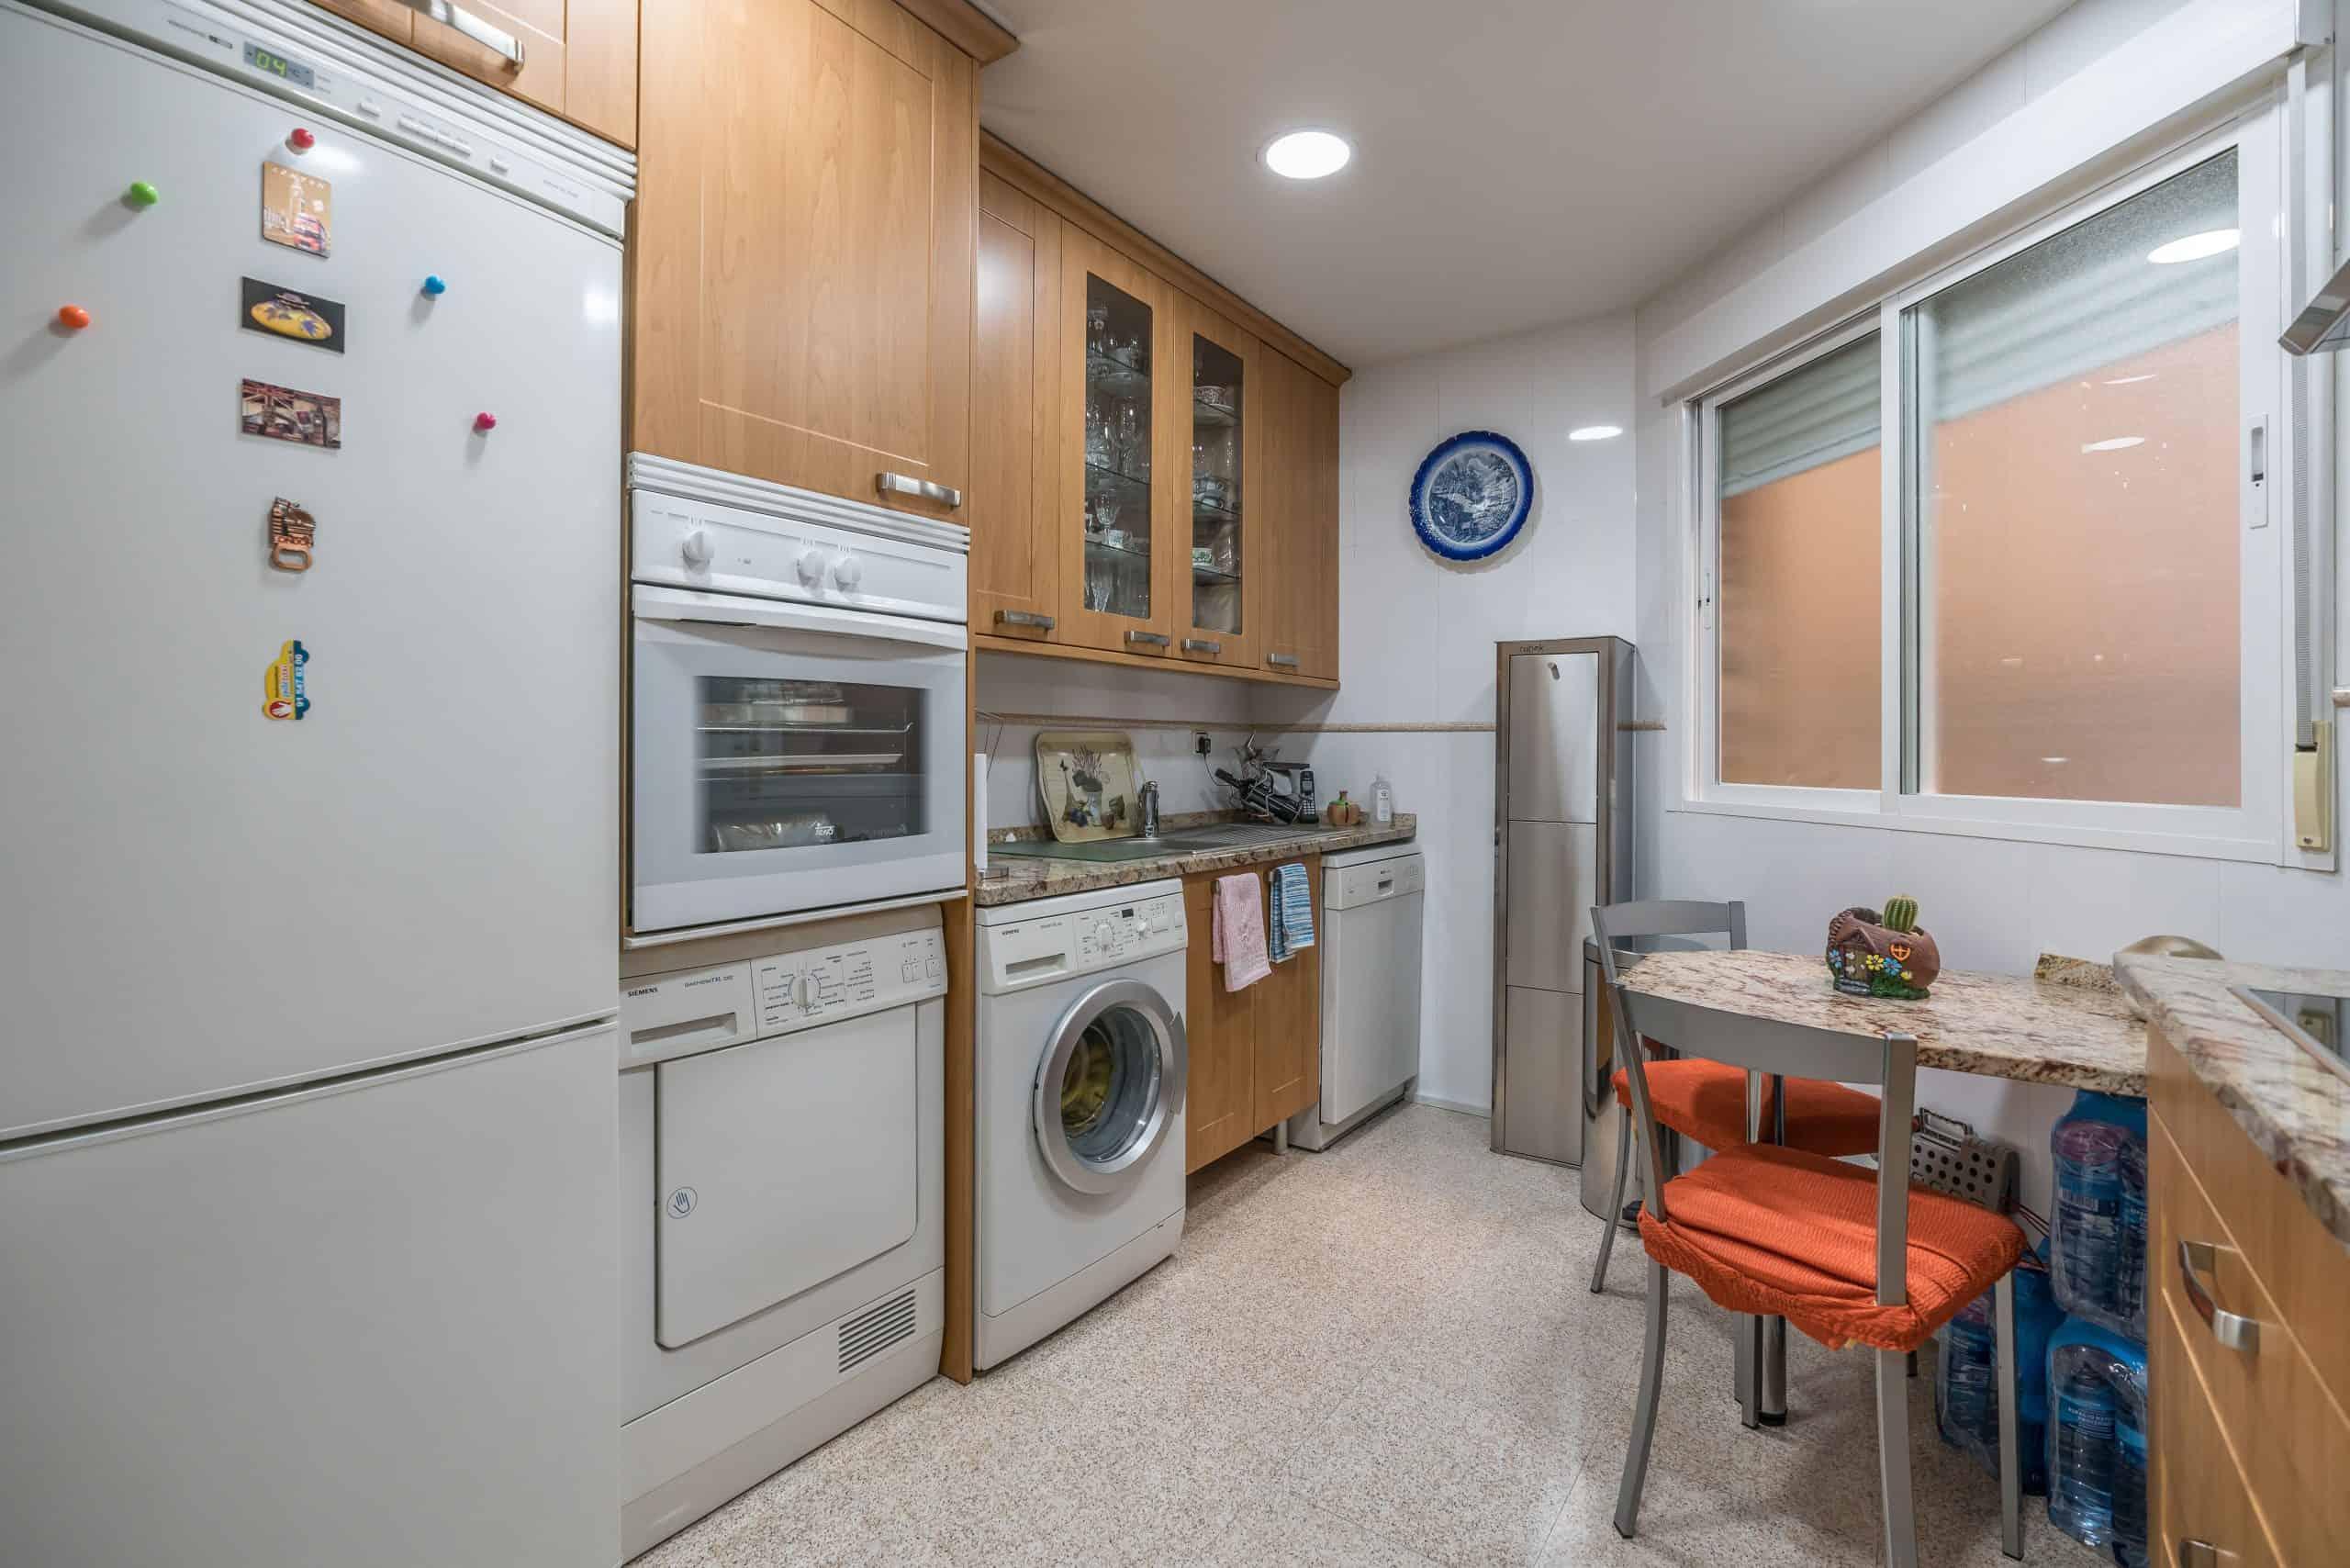 Agencia Inmobiliaria de Madrid-FUTUROCASA-Zona ARGANZUELA-EMBAJADORES-LEGAZPI -calle Santa María de la Cabeza5 COCINA (5)